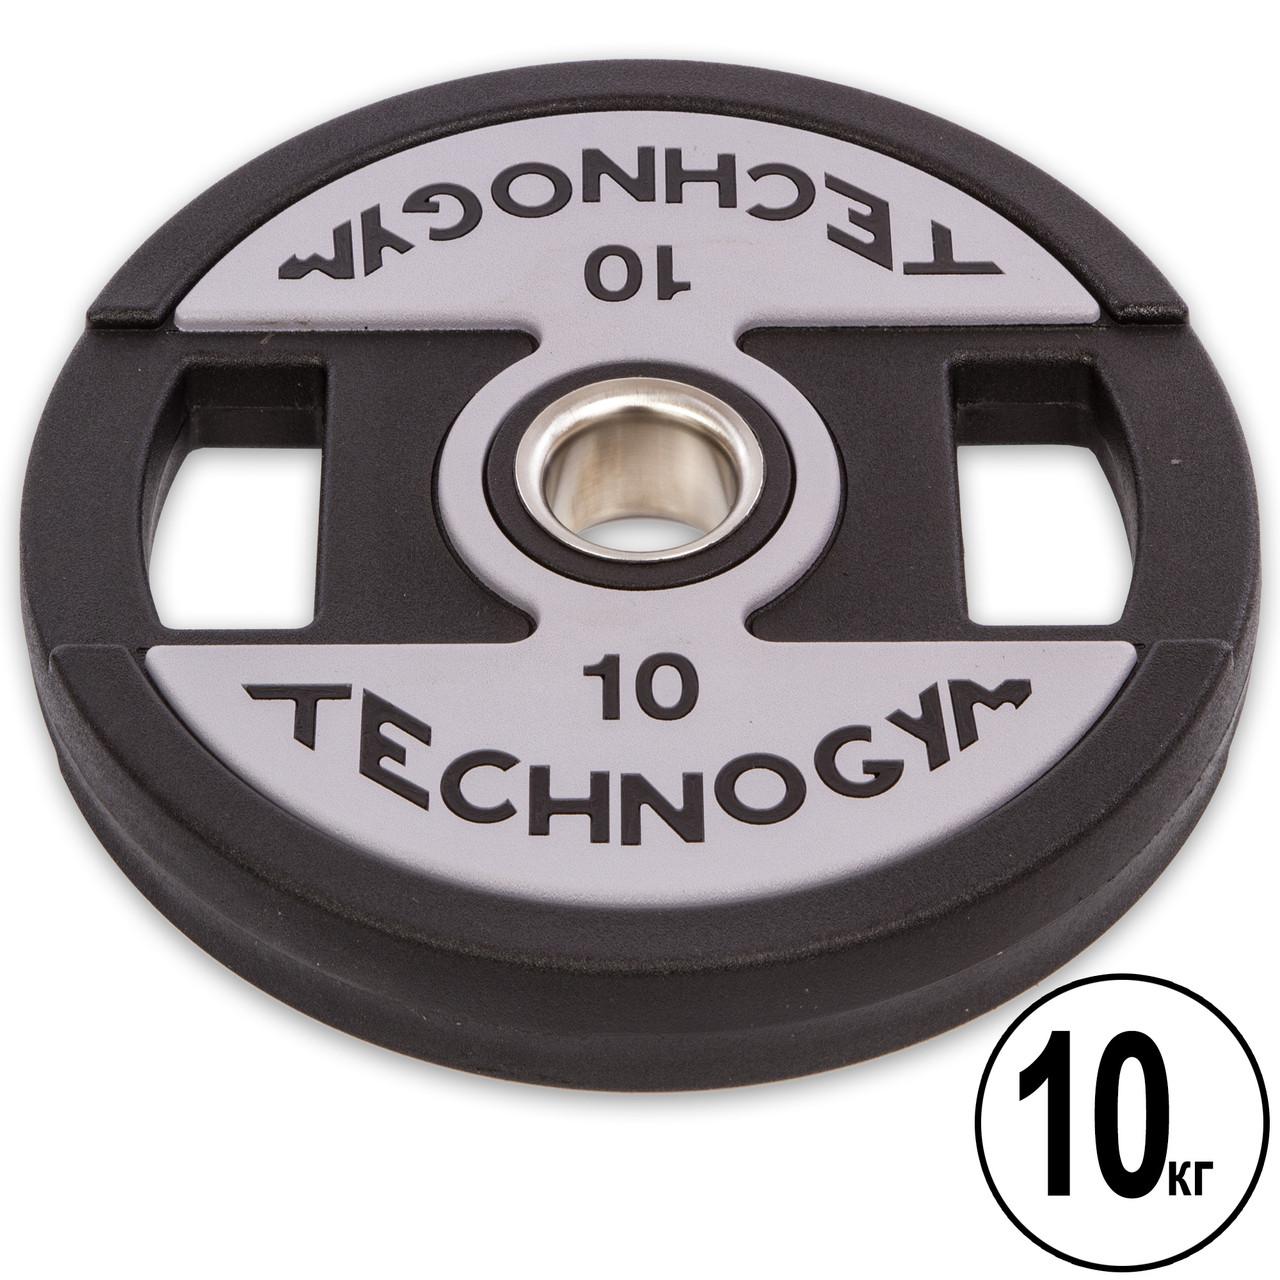 Блины (диски) полиуретановые с хватом и металлической втулкой d-51мм TECHNOGYM TG-1837-10 10кг (черный)